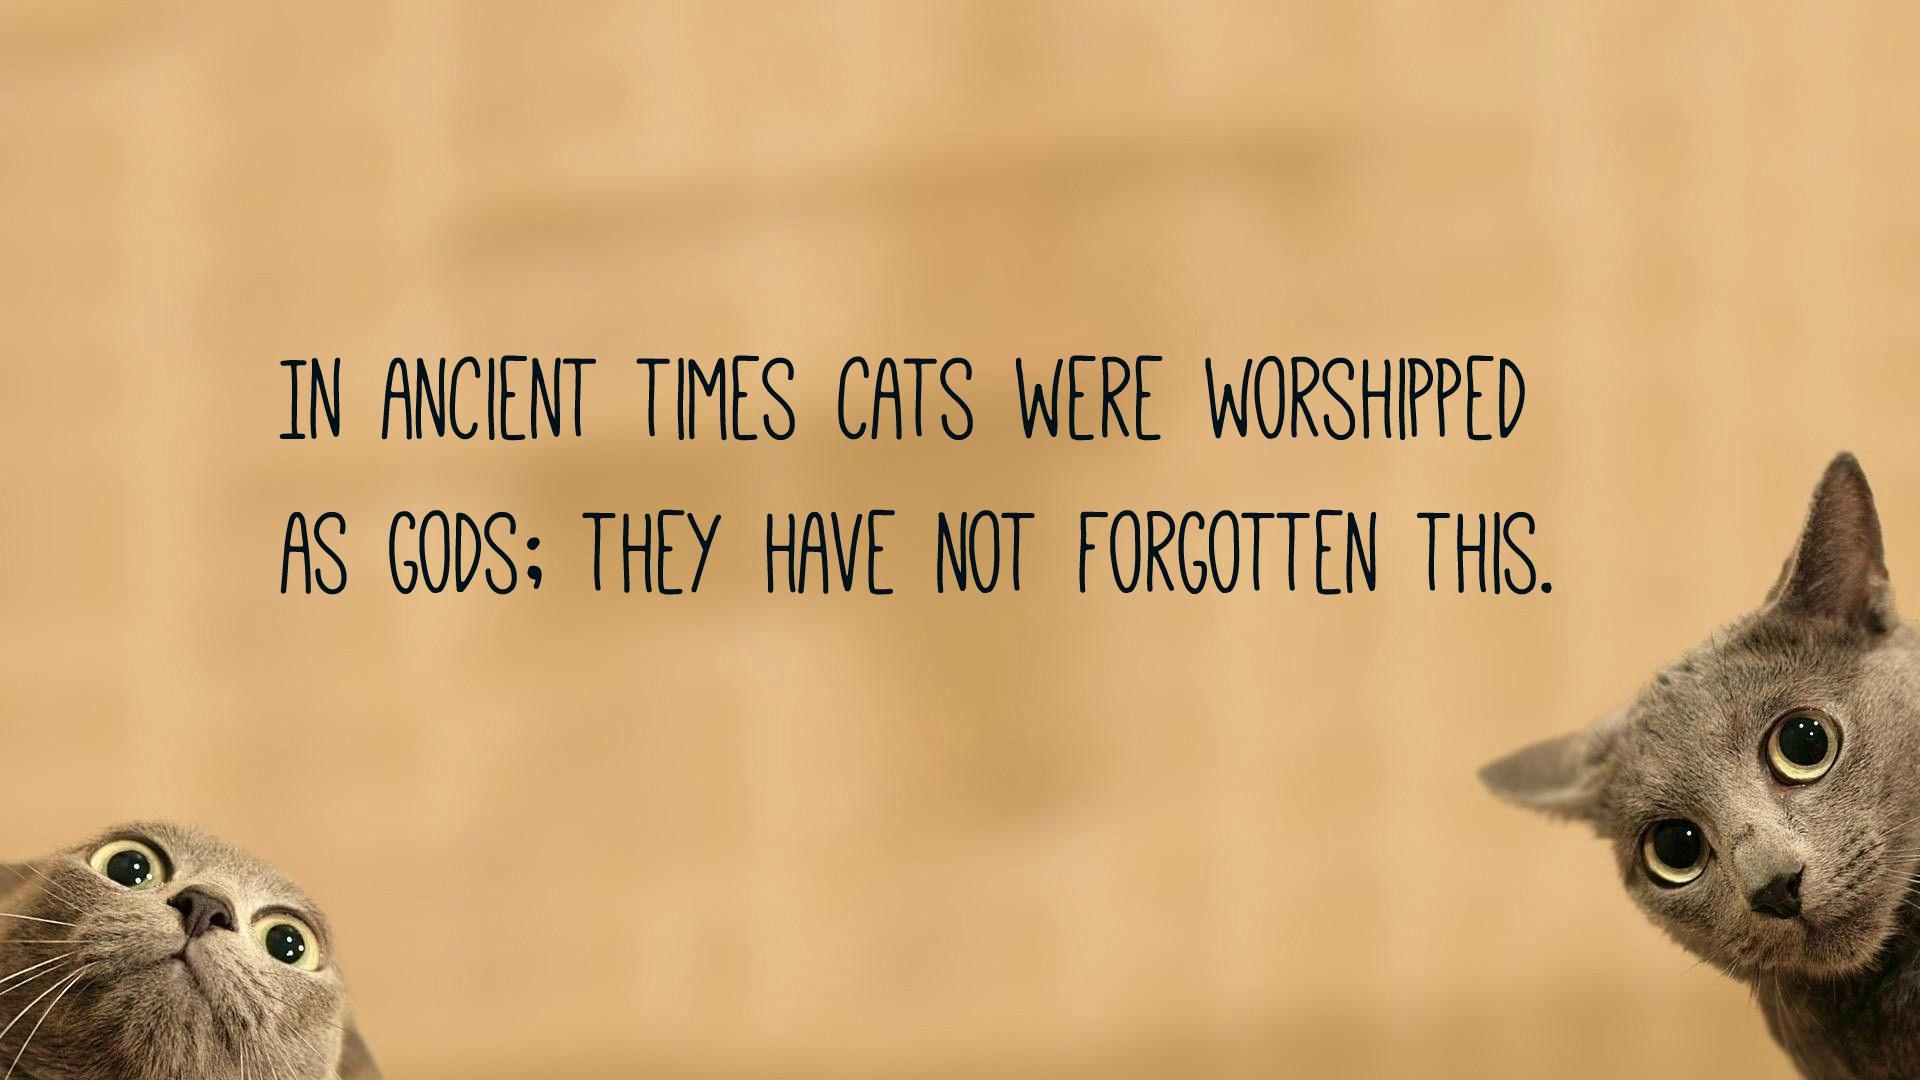 Cat Quotes Cat Quotes | Text & Image Quotes | QuoteReel Cat Quotes